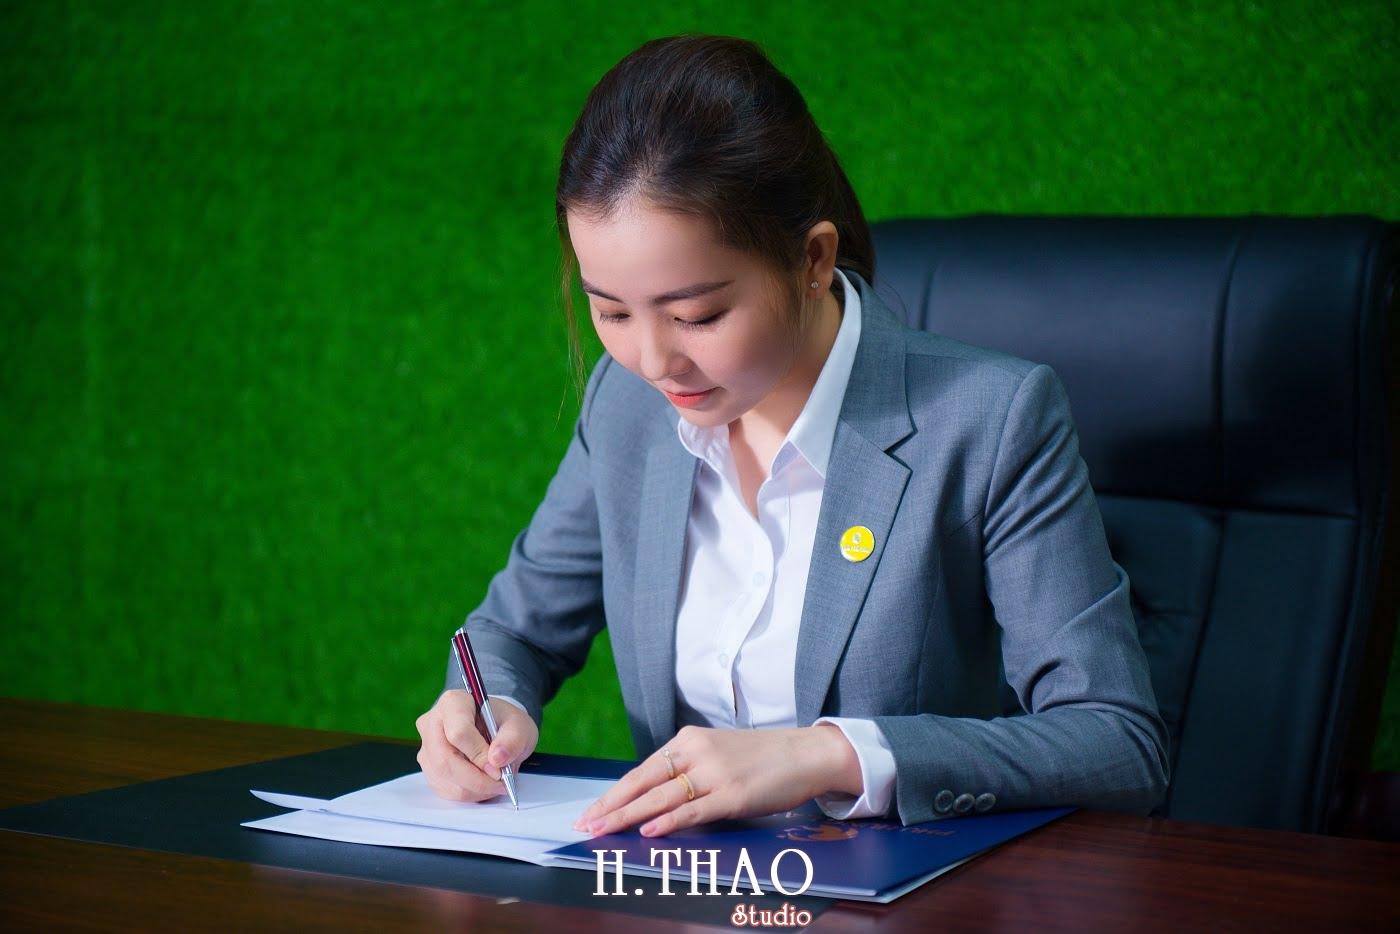 Phu Hung Land 16 - Album ảnh profile nhân sự công ty Phu Hung Land – HThao Studio